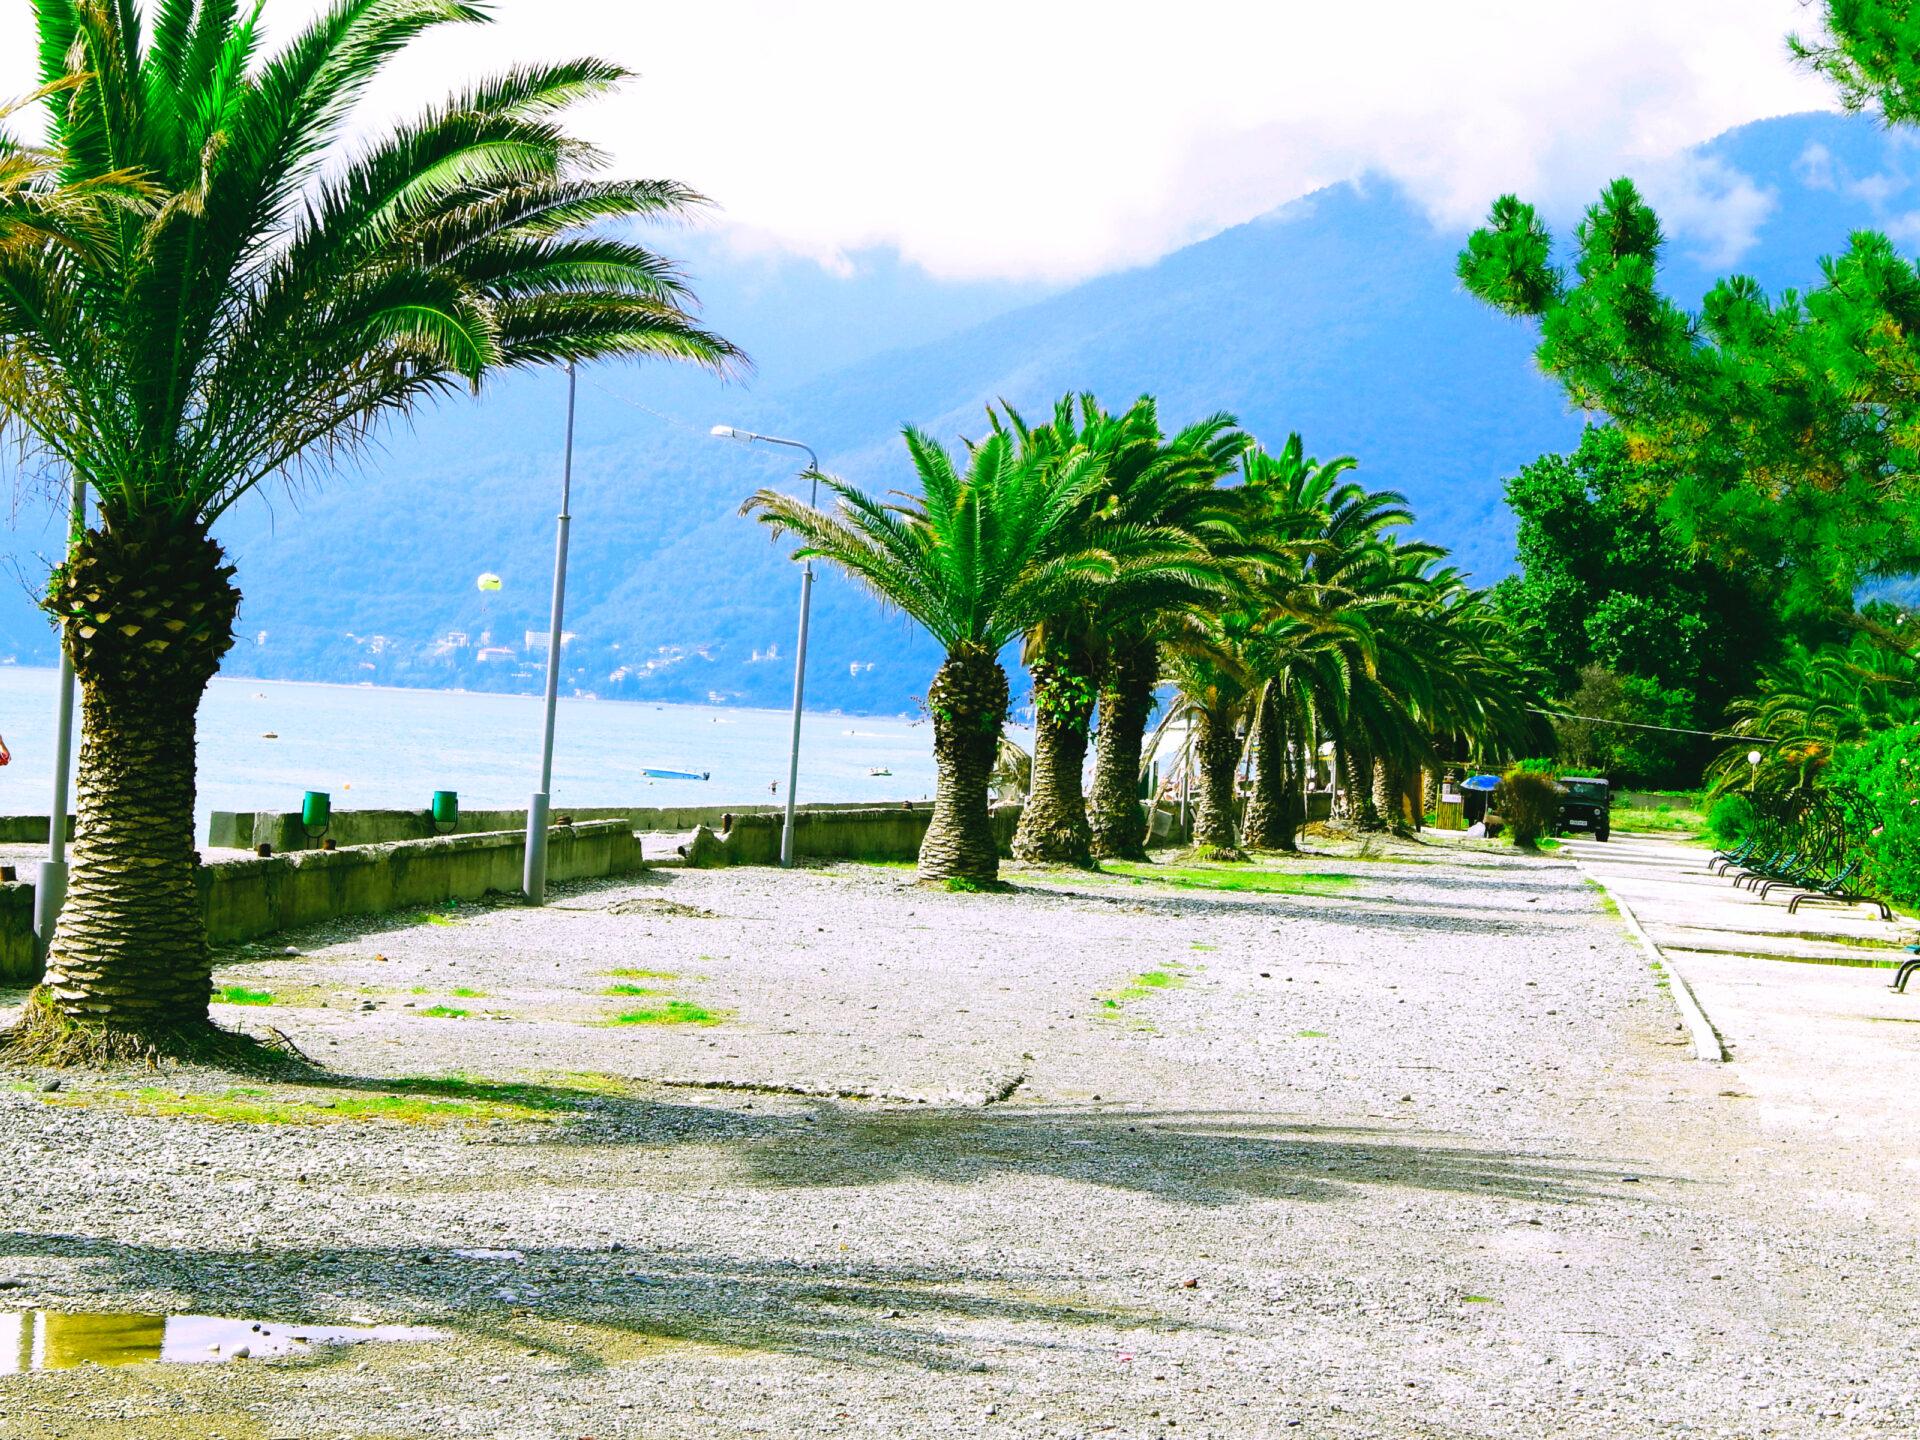 делать жесткий новые гагры фото города и пляжа одно мест, где